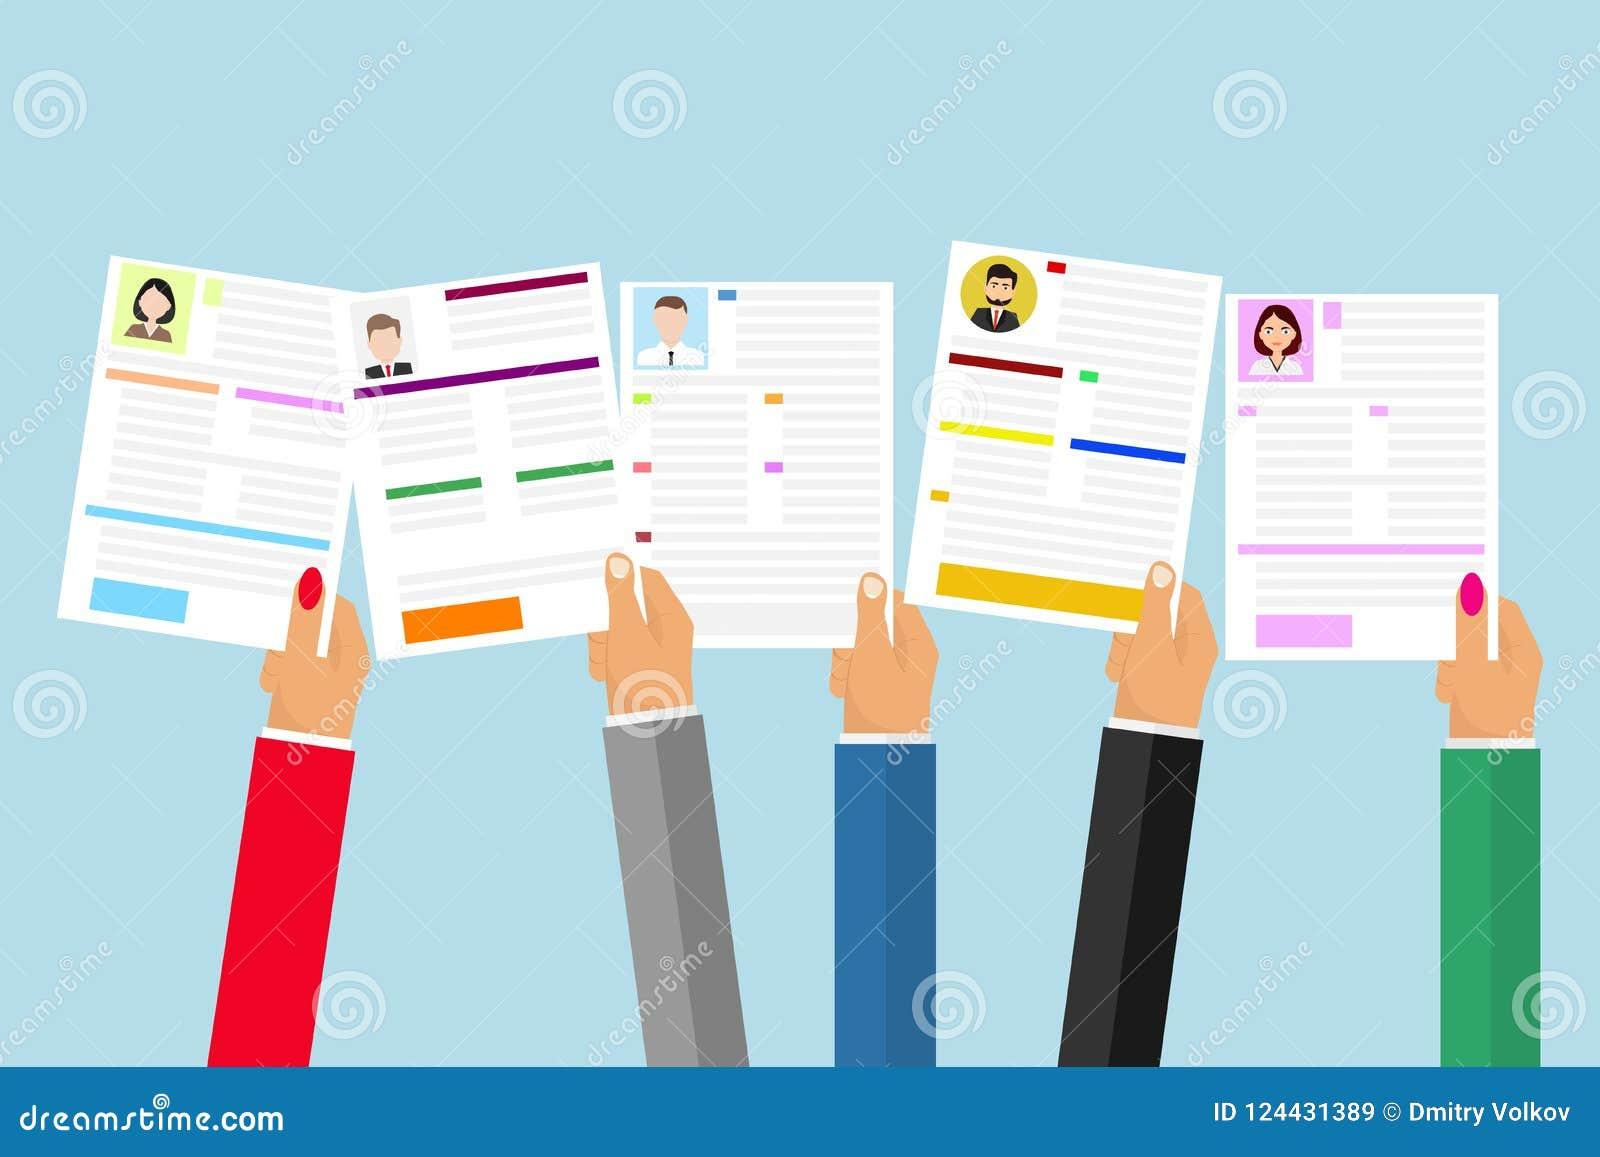 De handen houden een samenvatting Het concept personeelsselectie Zoek naar de gewenste samenvatting